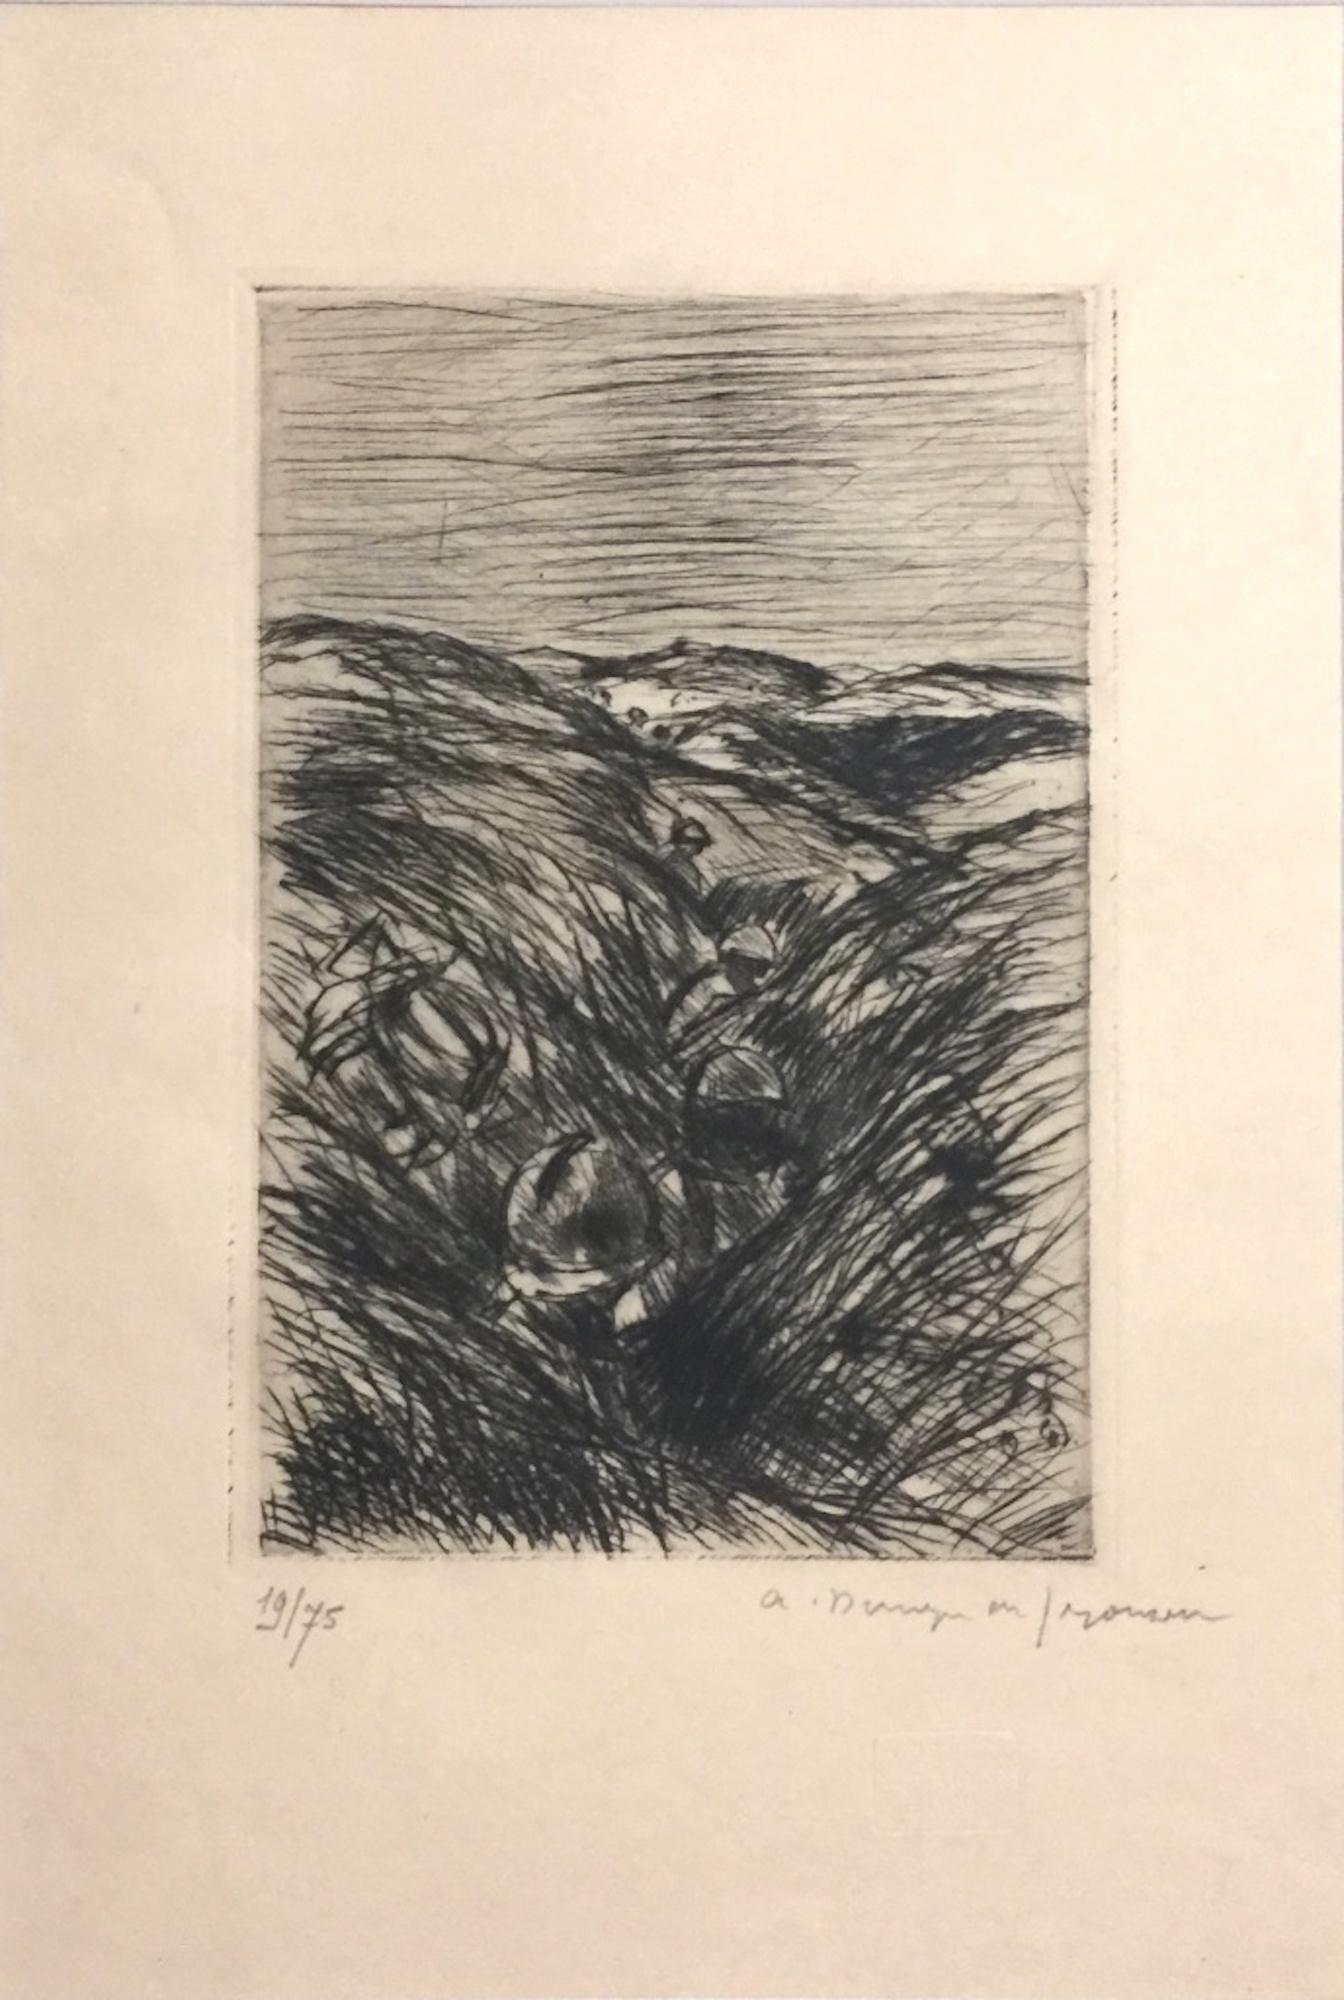 Le Blessé dans la Tranchée  - Original Etching by Dunoyer de Segonzac - 1940s